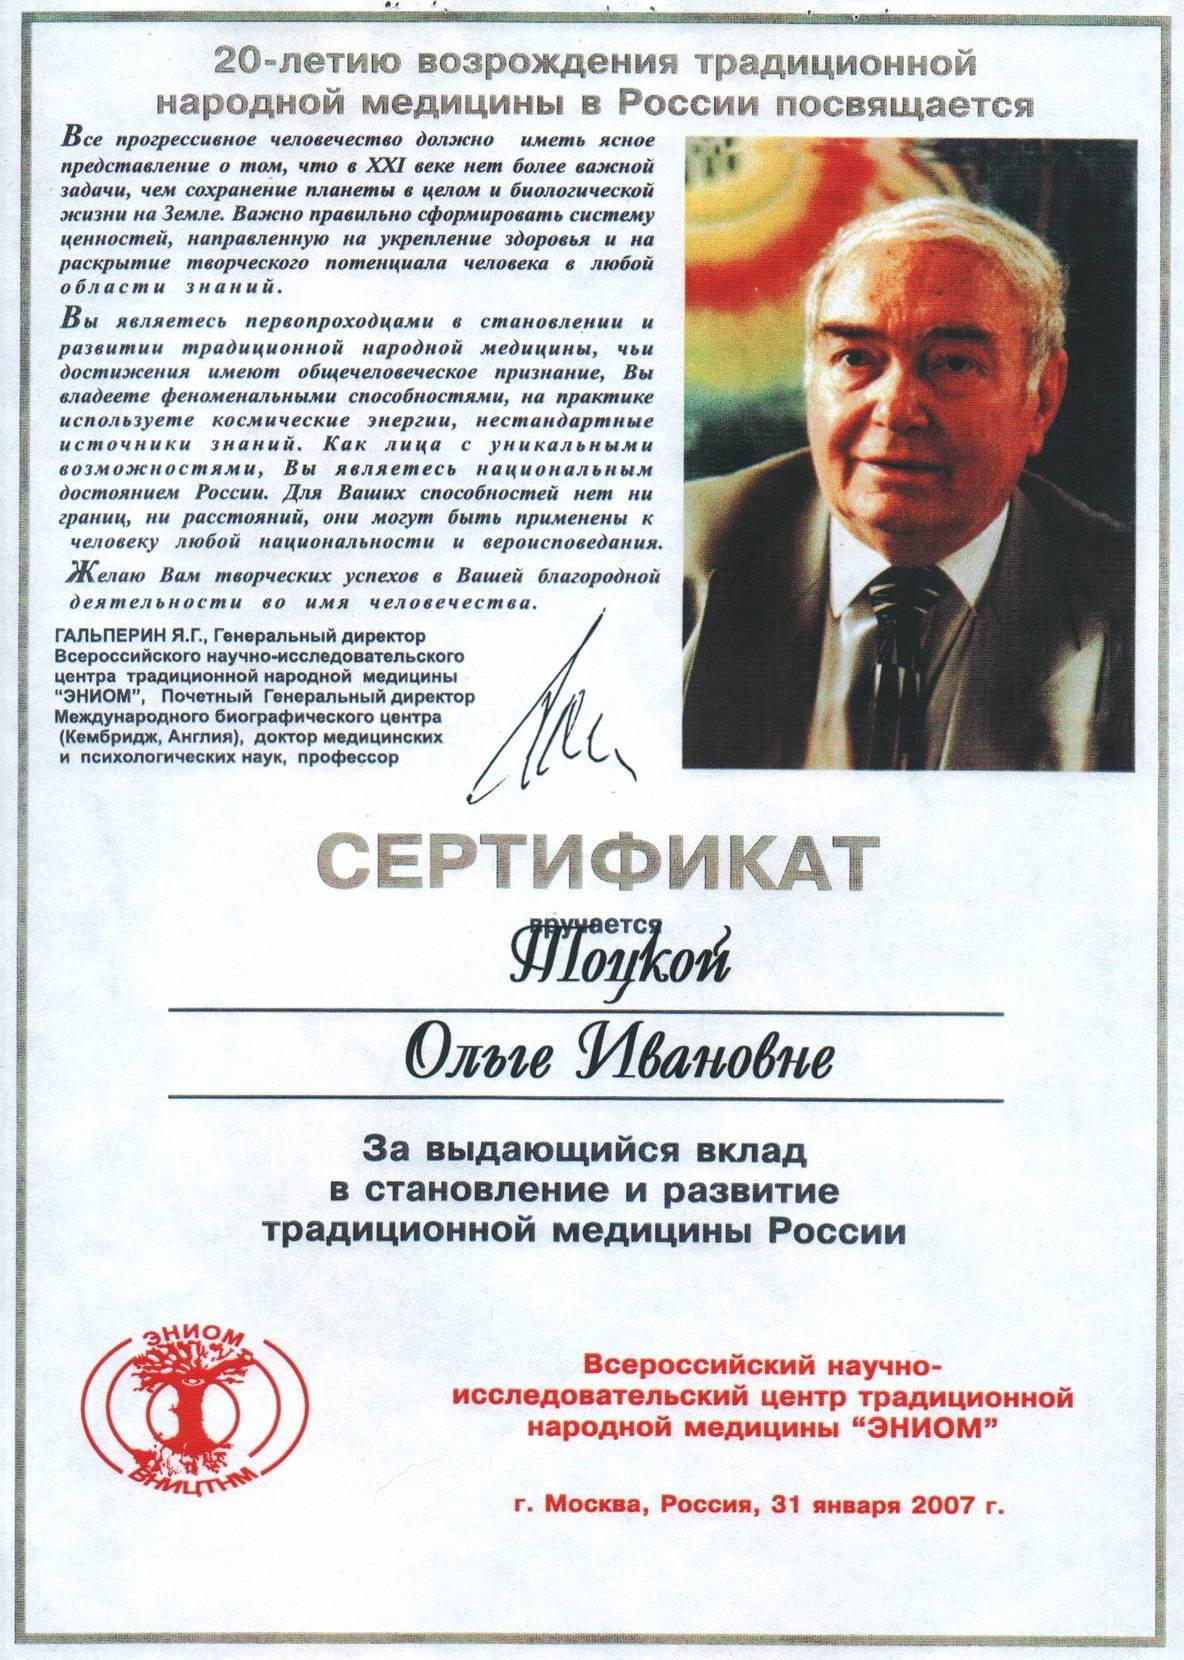 Сертификат за выдающийся вклад в становлении и развитие традиционной медицины России